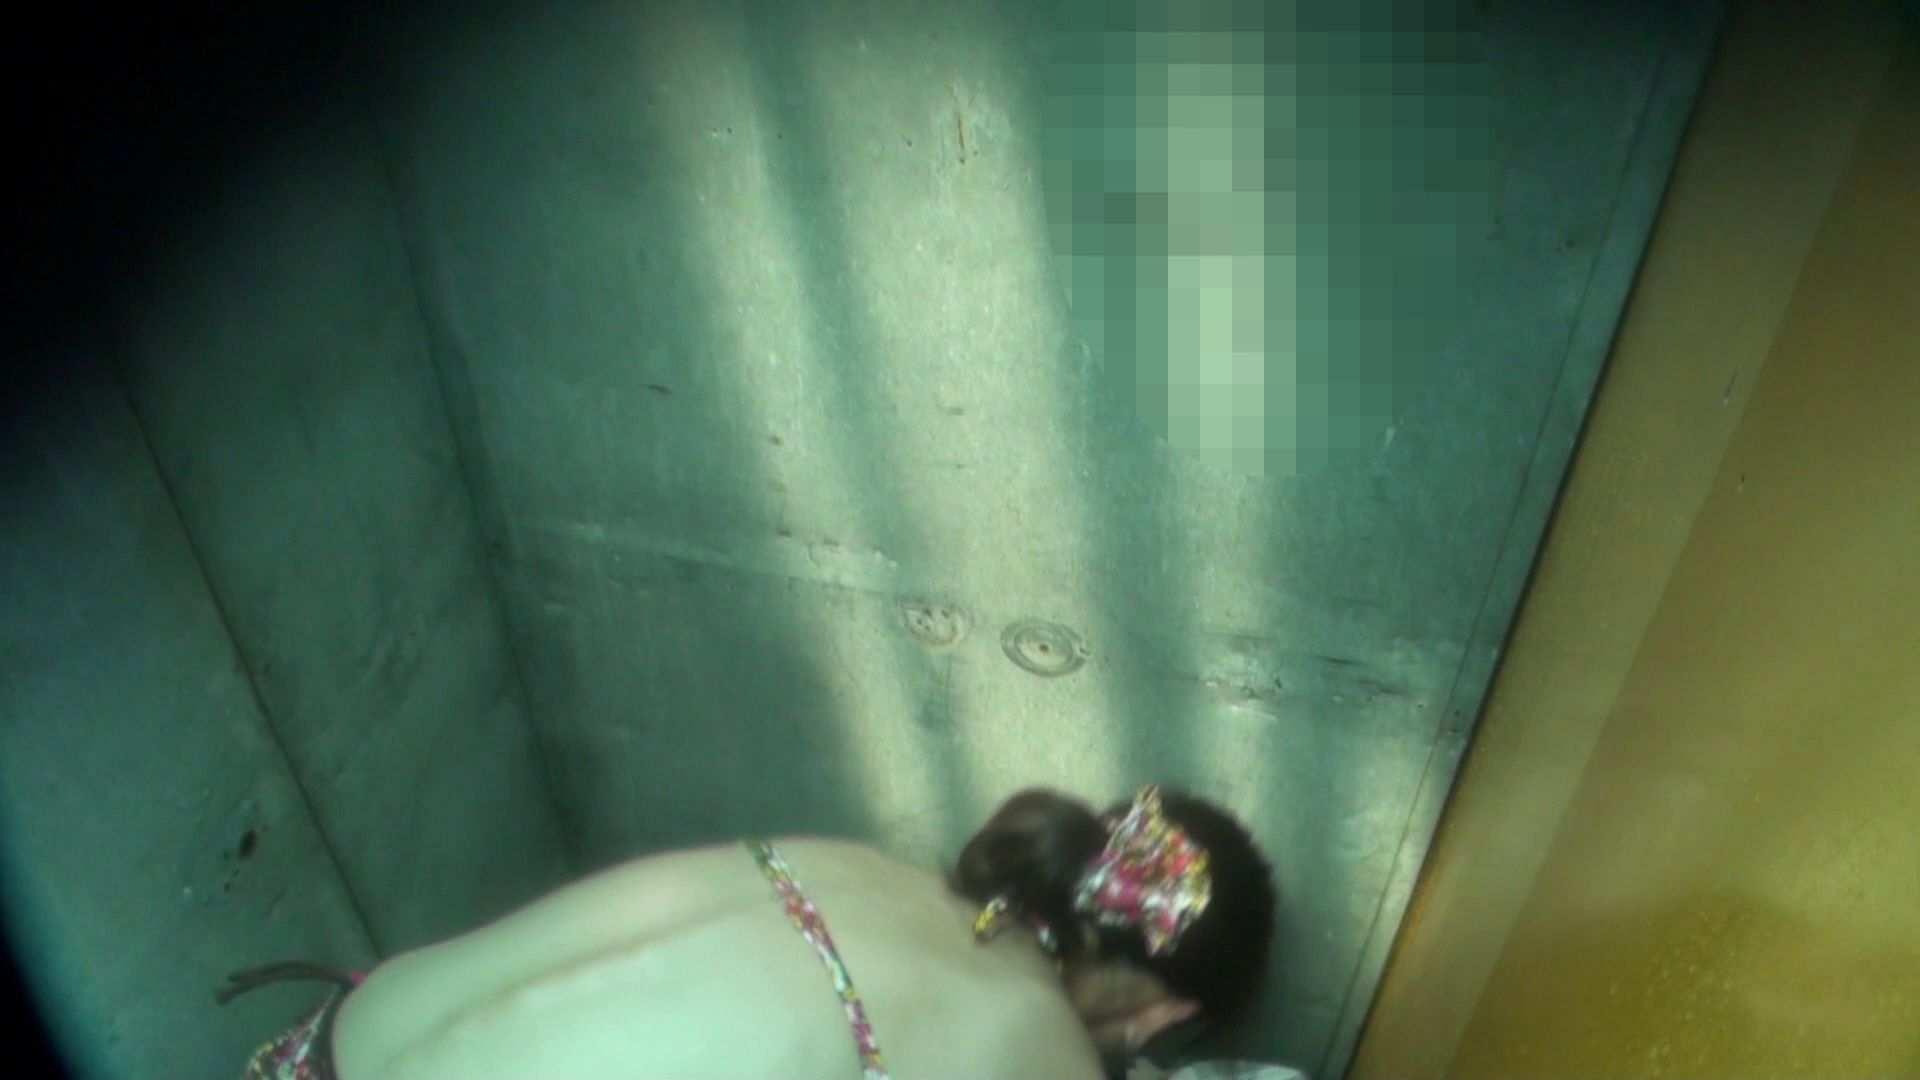 シャワールームは超!!危険な香りVol.16 意外に乳首は年増のそれ 乳首   OLの実態  61pic 61